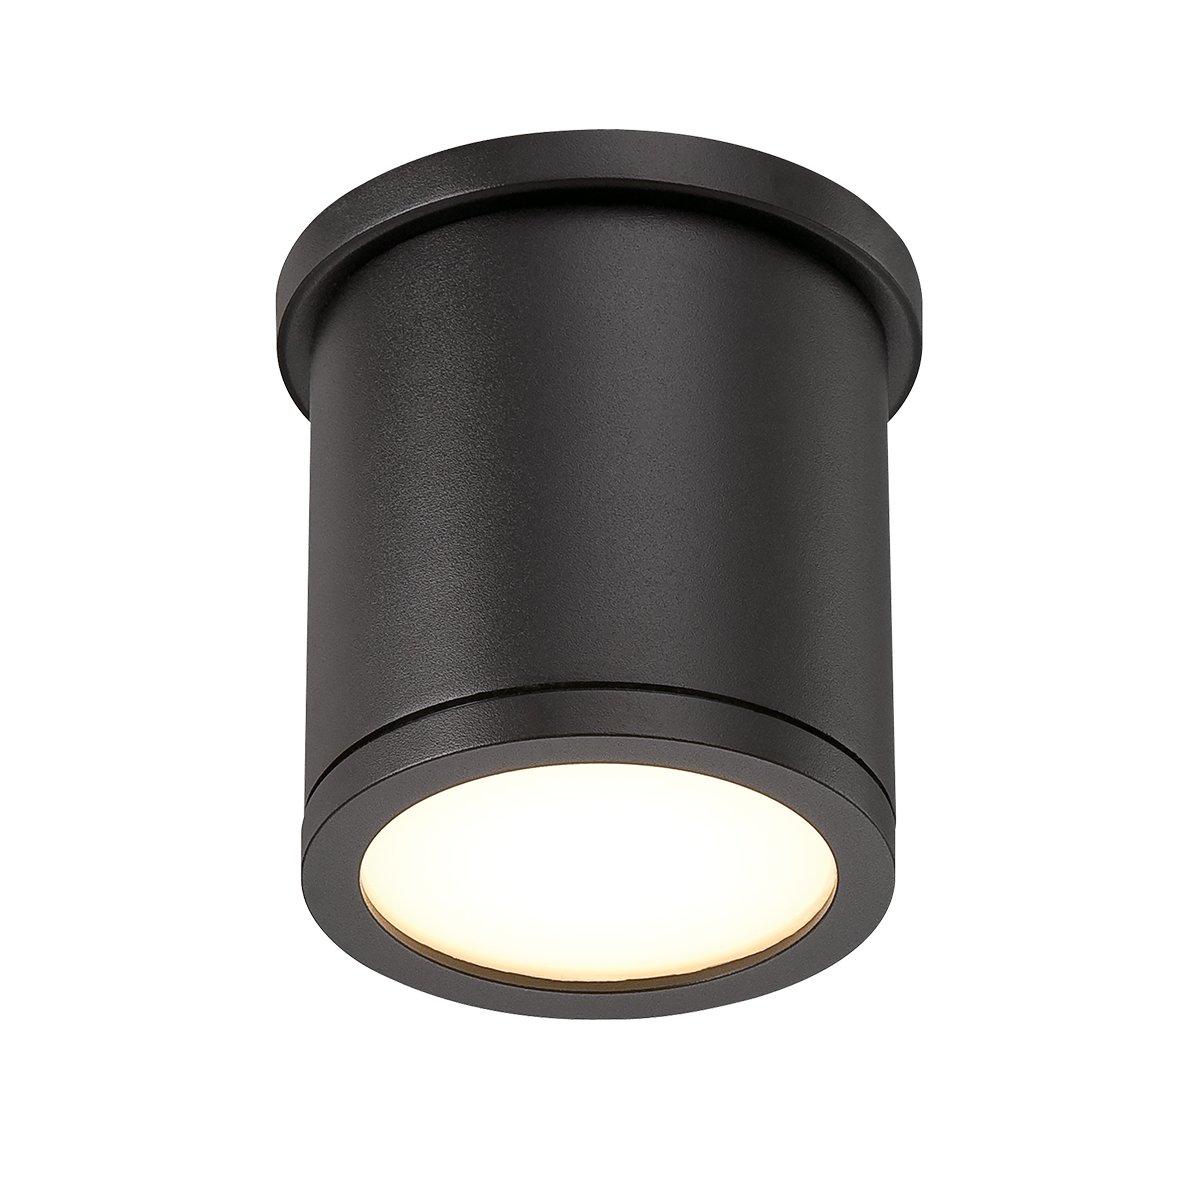 Wac lighting fm w2605 bz tube 5 outdoor led flush mount small wac lighting fm w2605 bz tube 5 outdoor led flush mount small whitebronze amazon aloadofball Choice Image